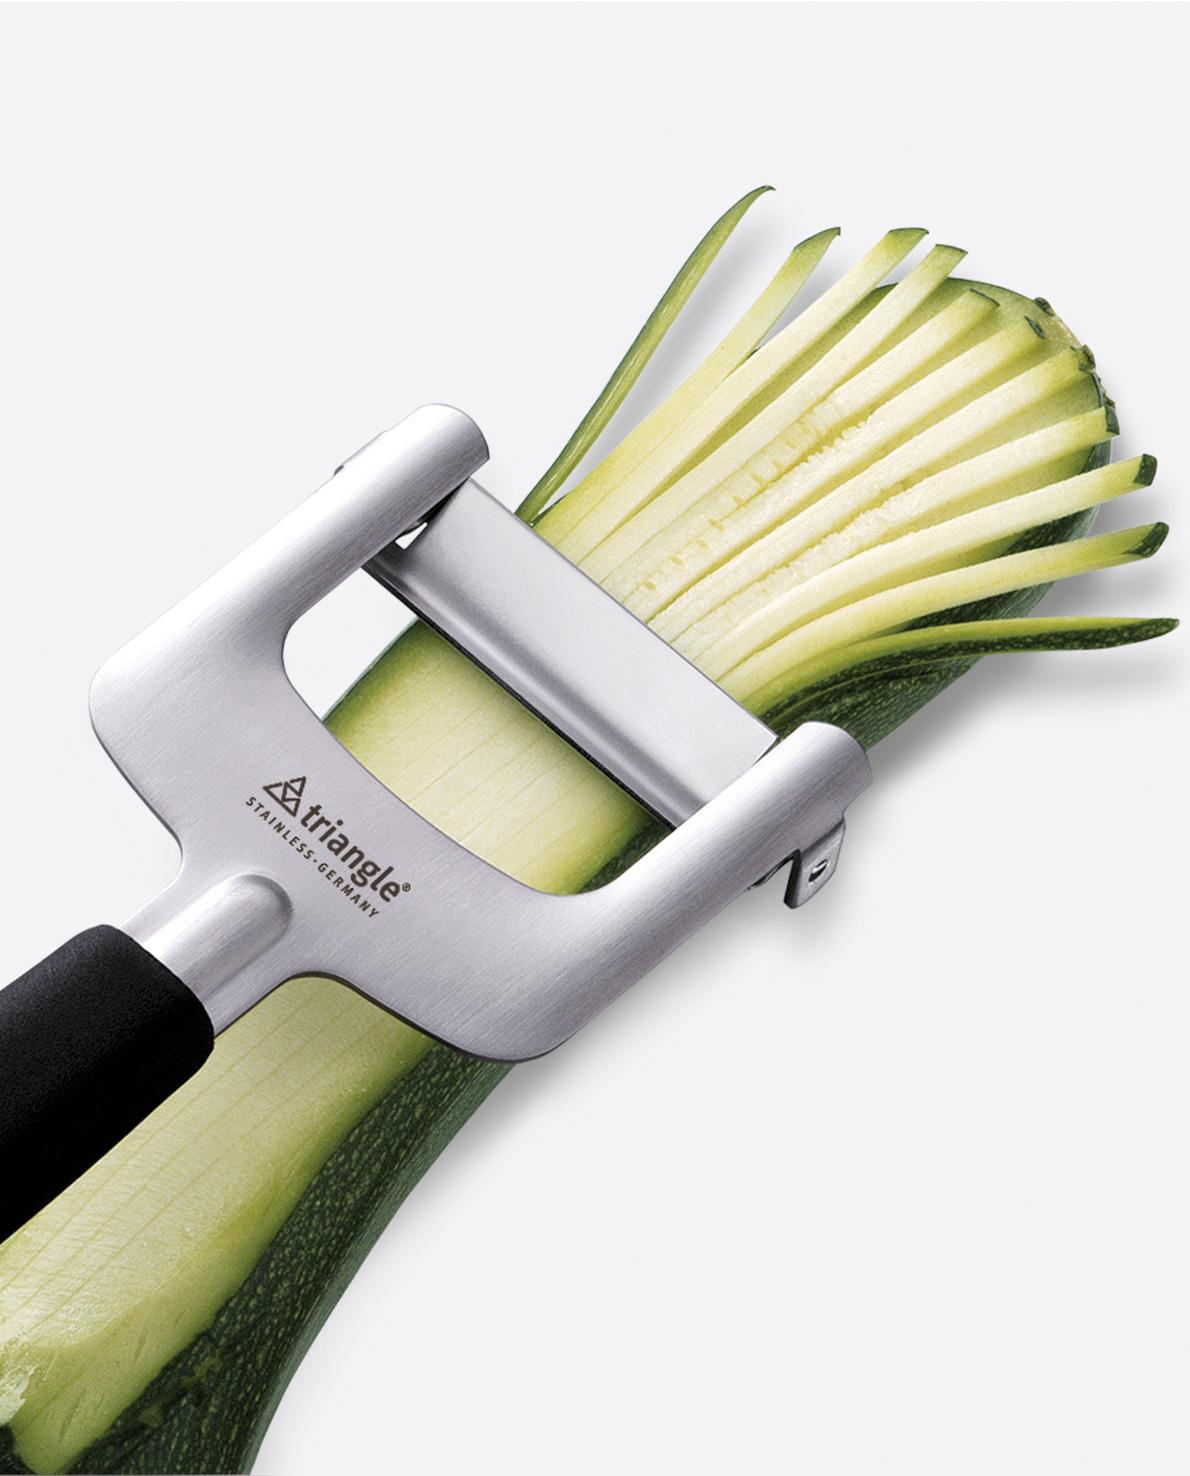 triangle julienne cutter cutting zucchini